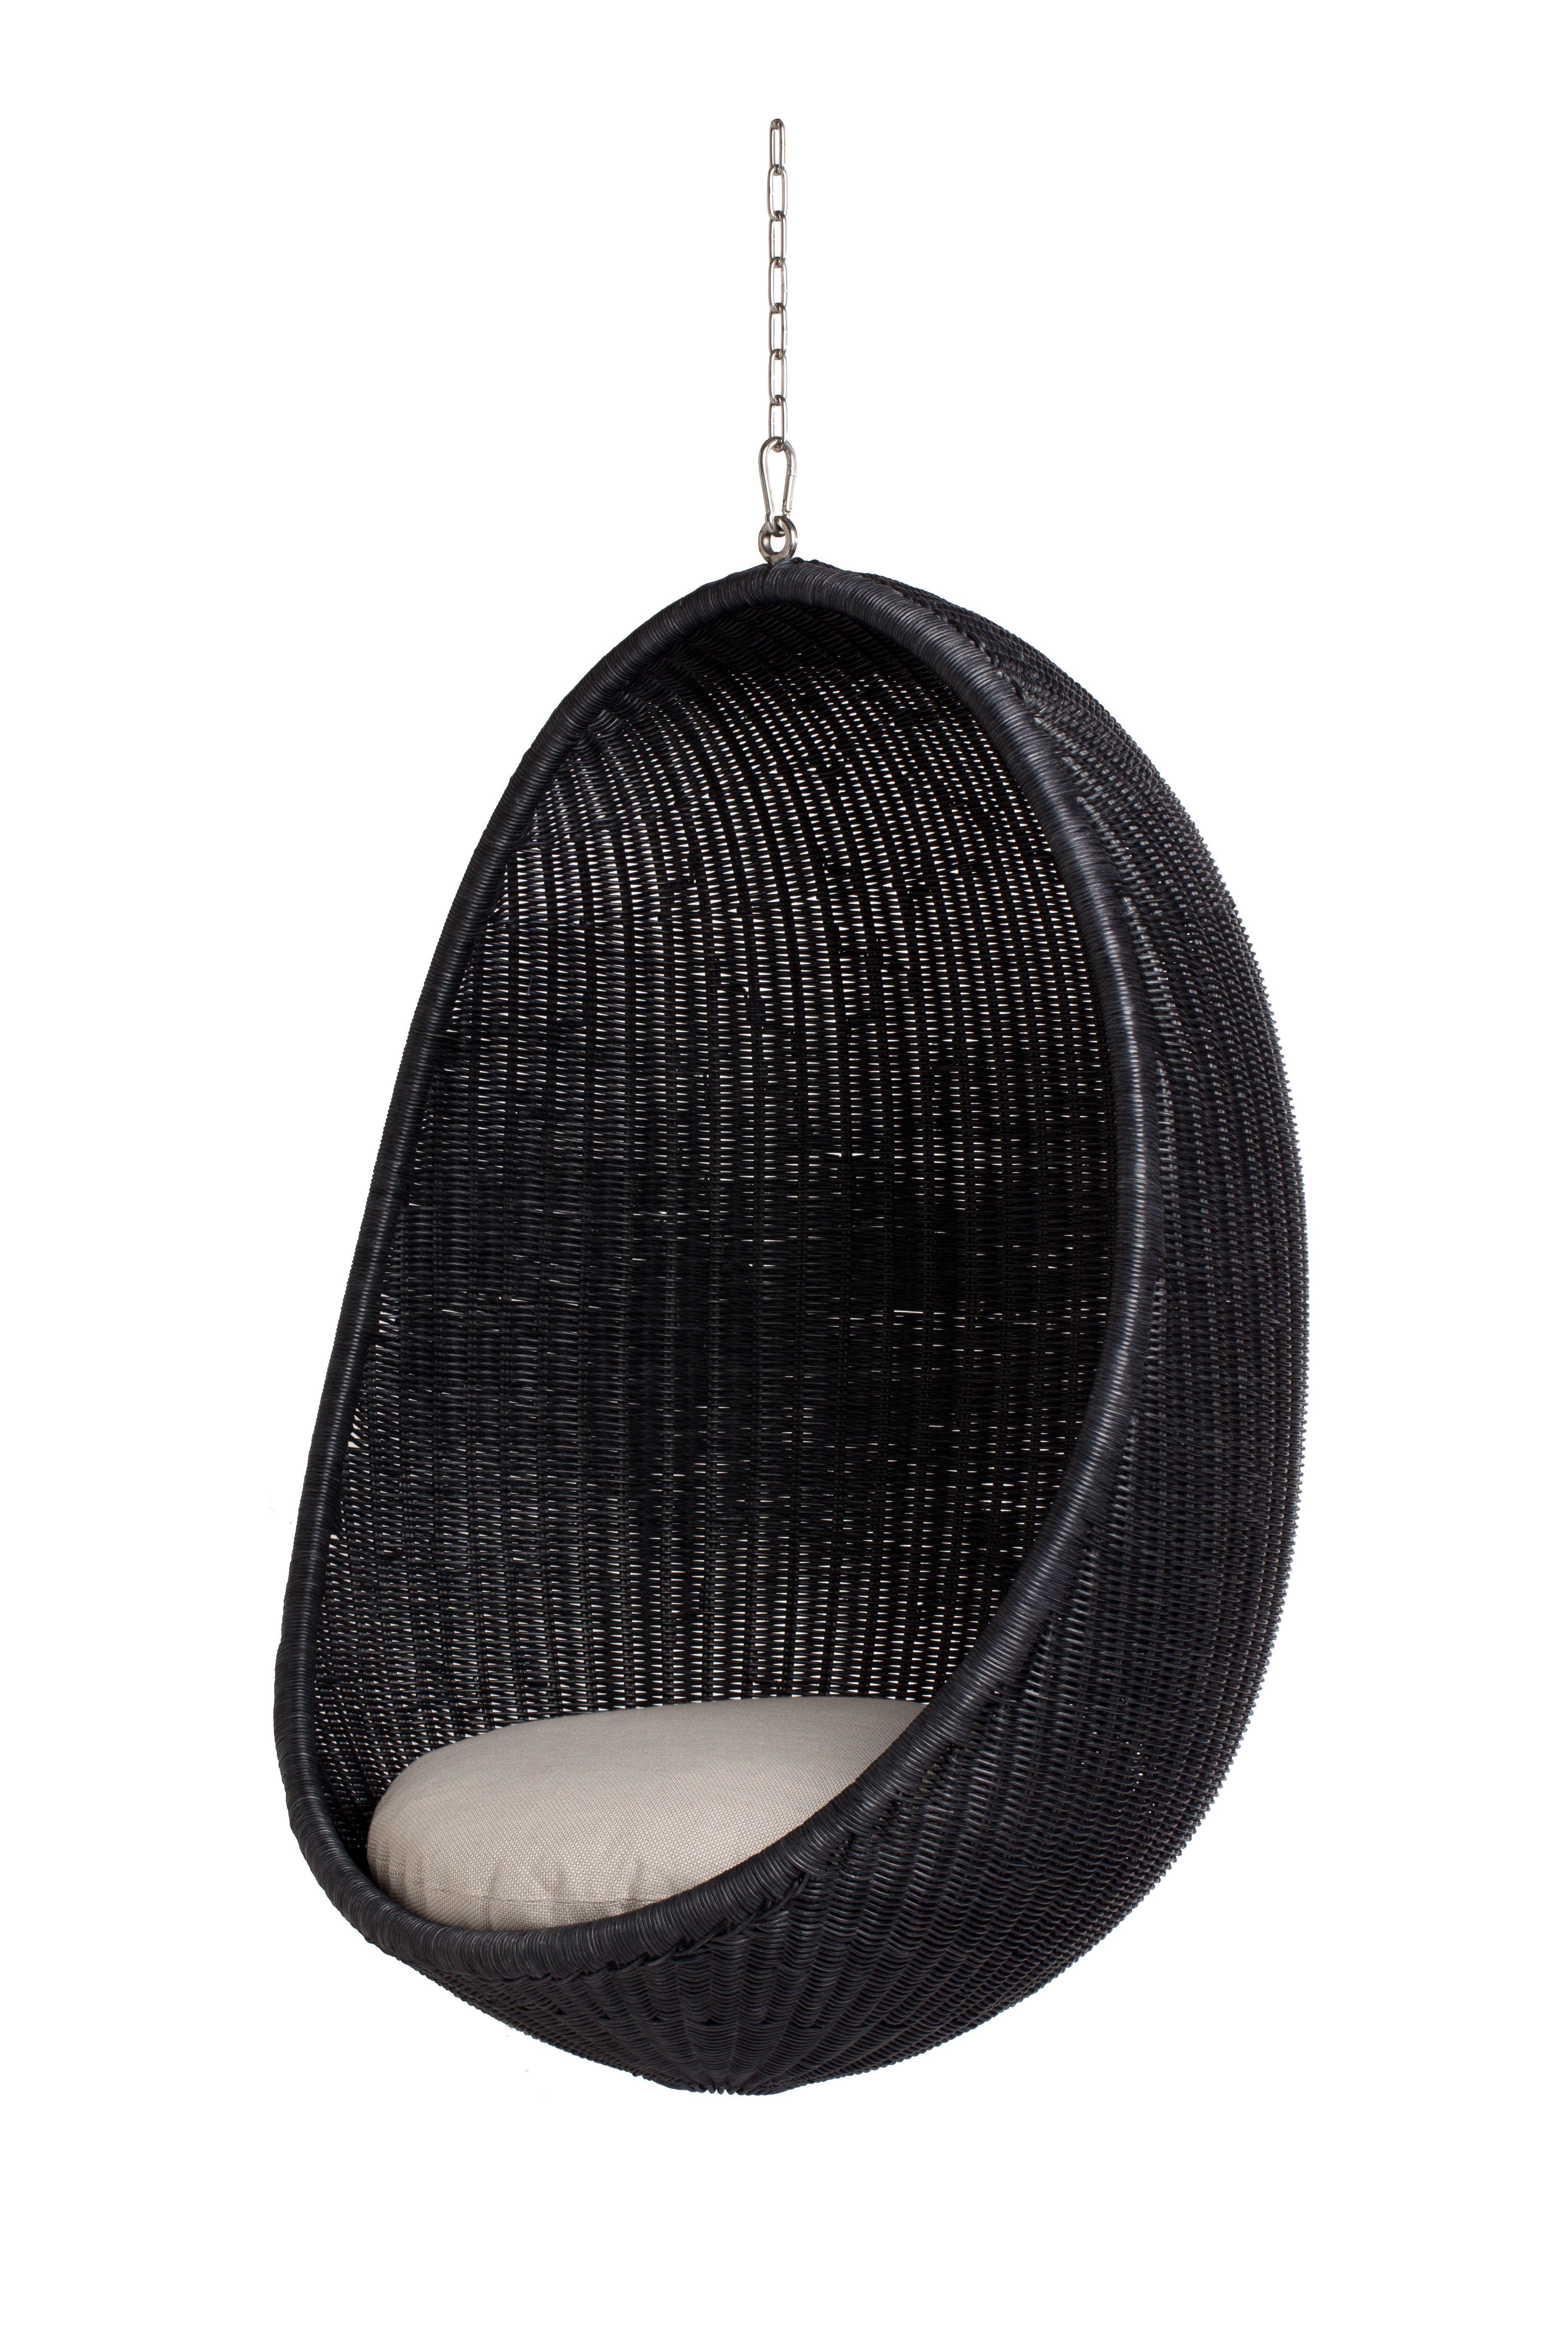 Hanging Egg Hængestol Rattan Matsort i 2020 Stole